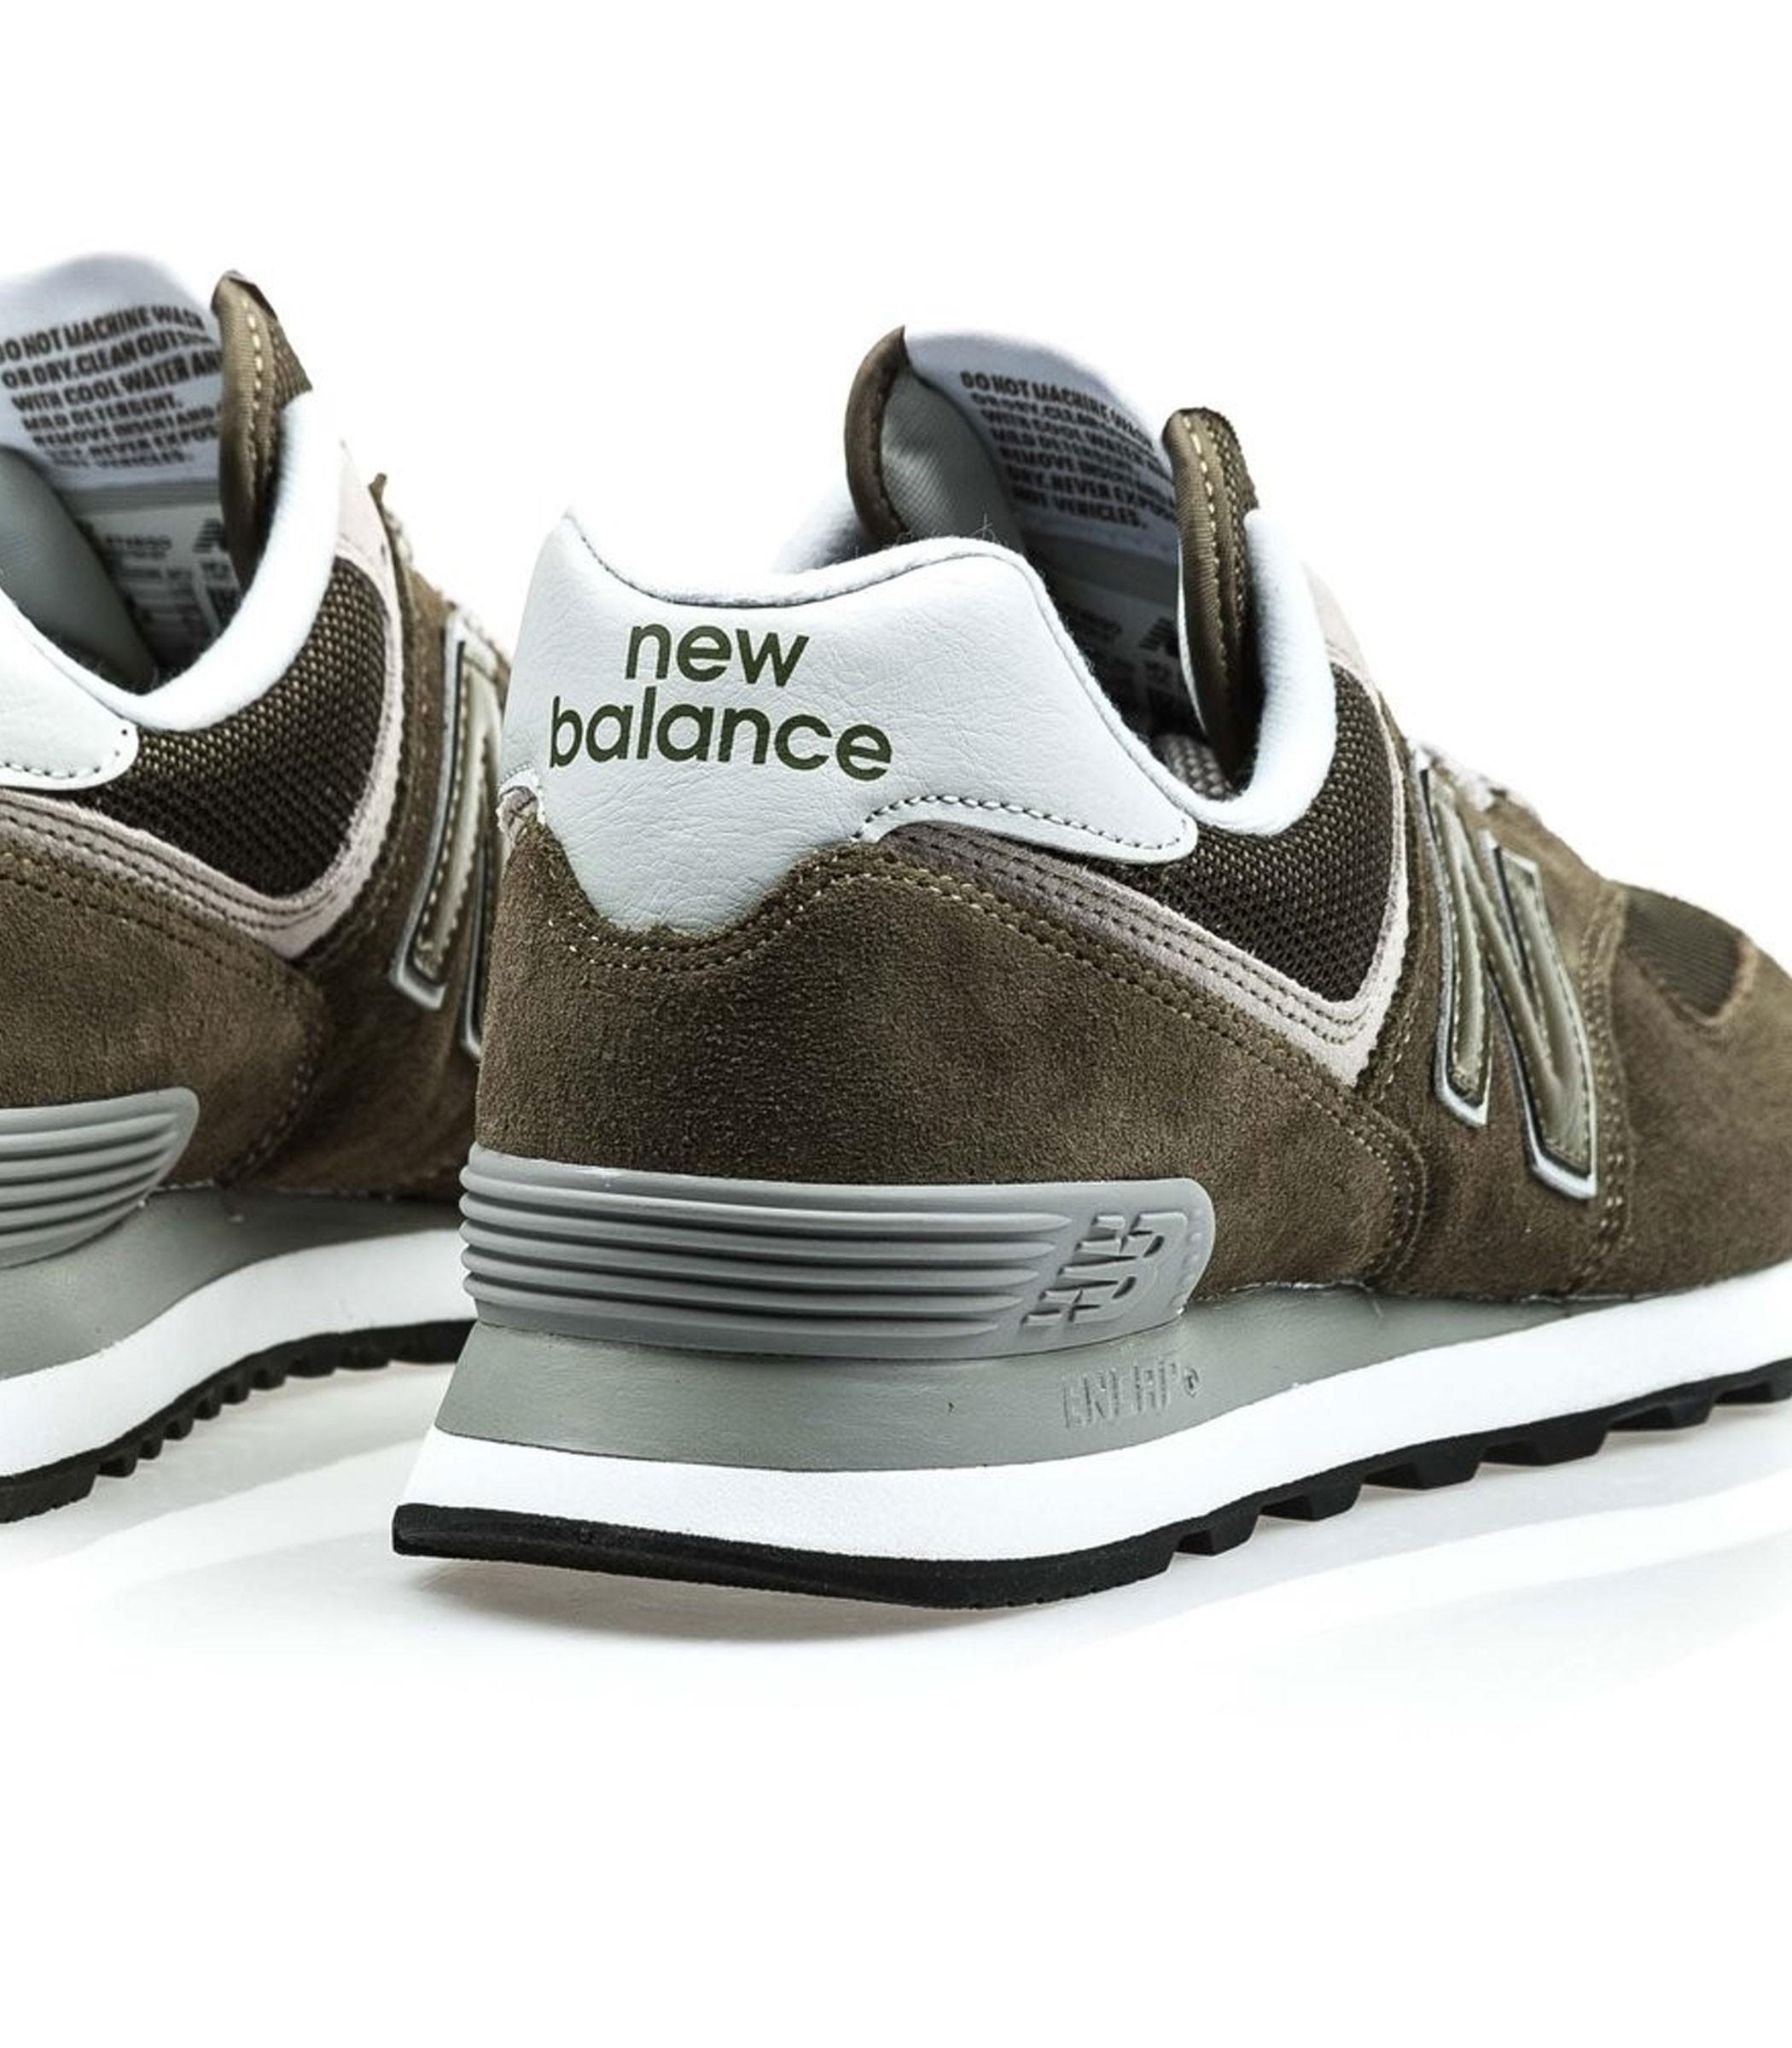 Scarpe Uomo Ml574ego Balance Rif New Awcdqw Da Sneakers kiuOZPX